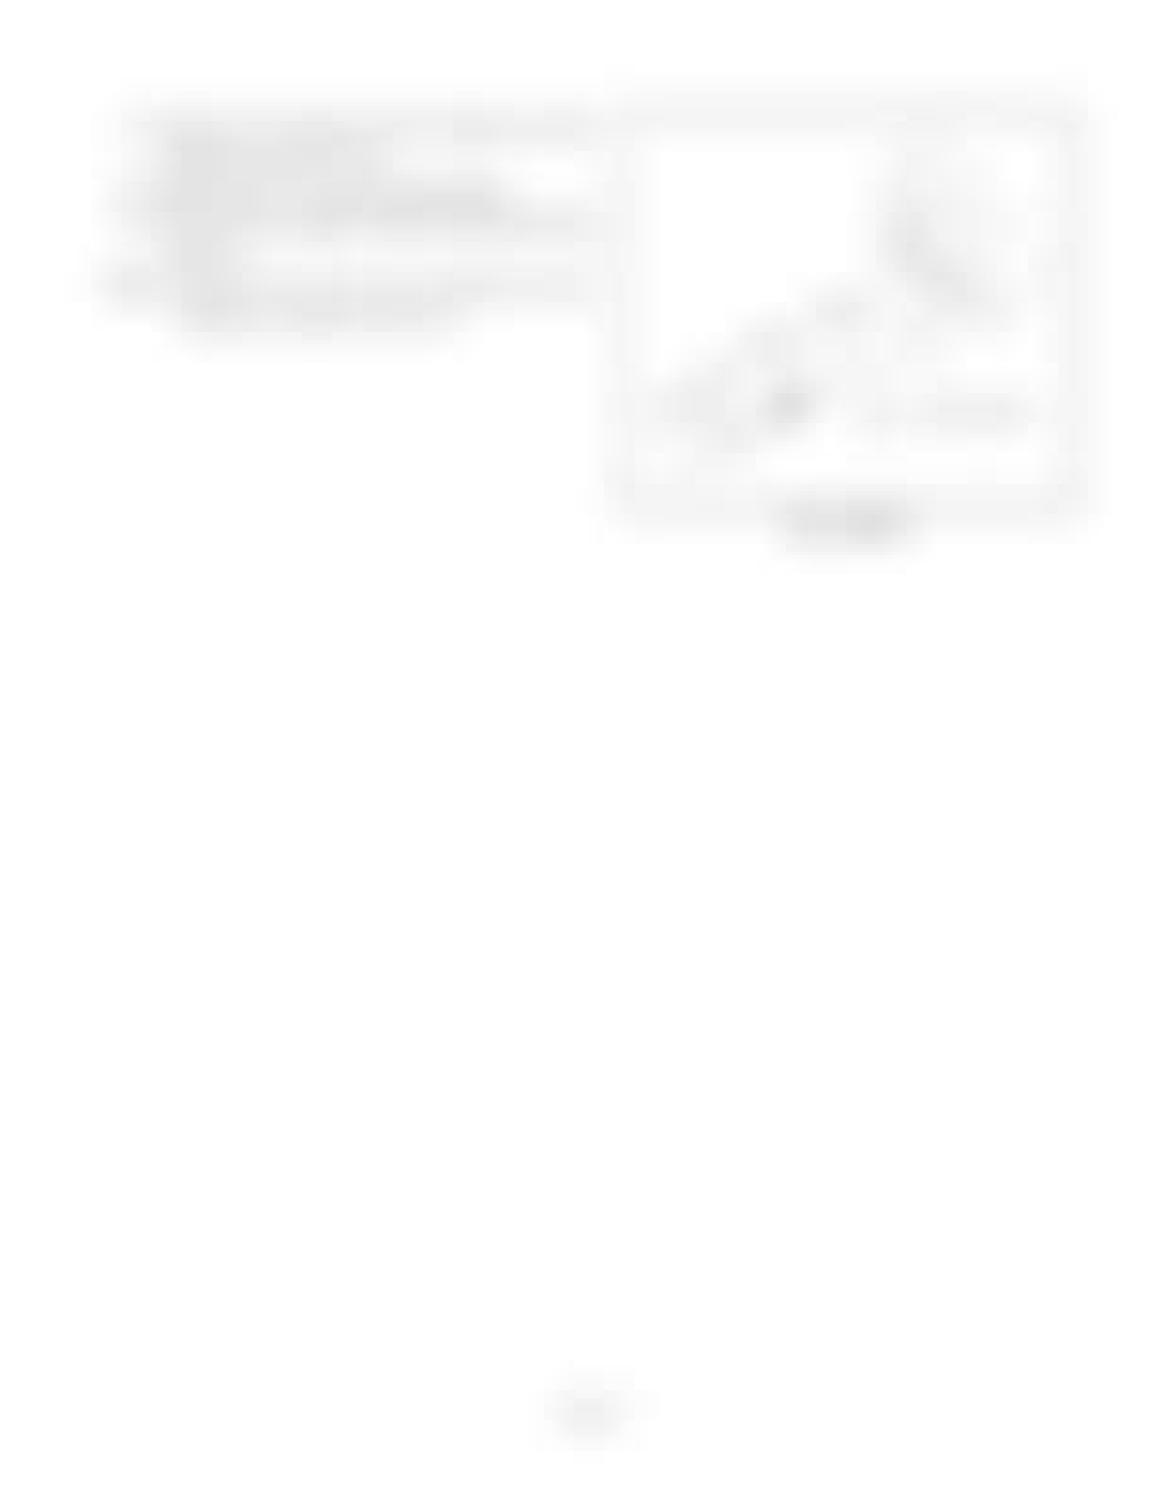 Hitachi LX110-7 LX130-7 LX160-7 LX190-7 LX230-7 Wheel Loader Workshop Manual - PDF DOWNLOAD page 295